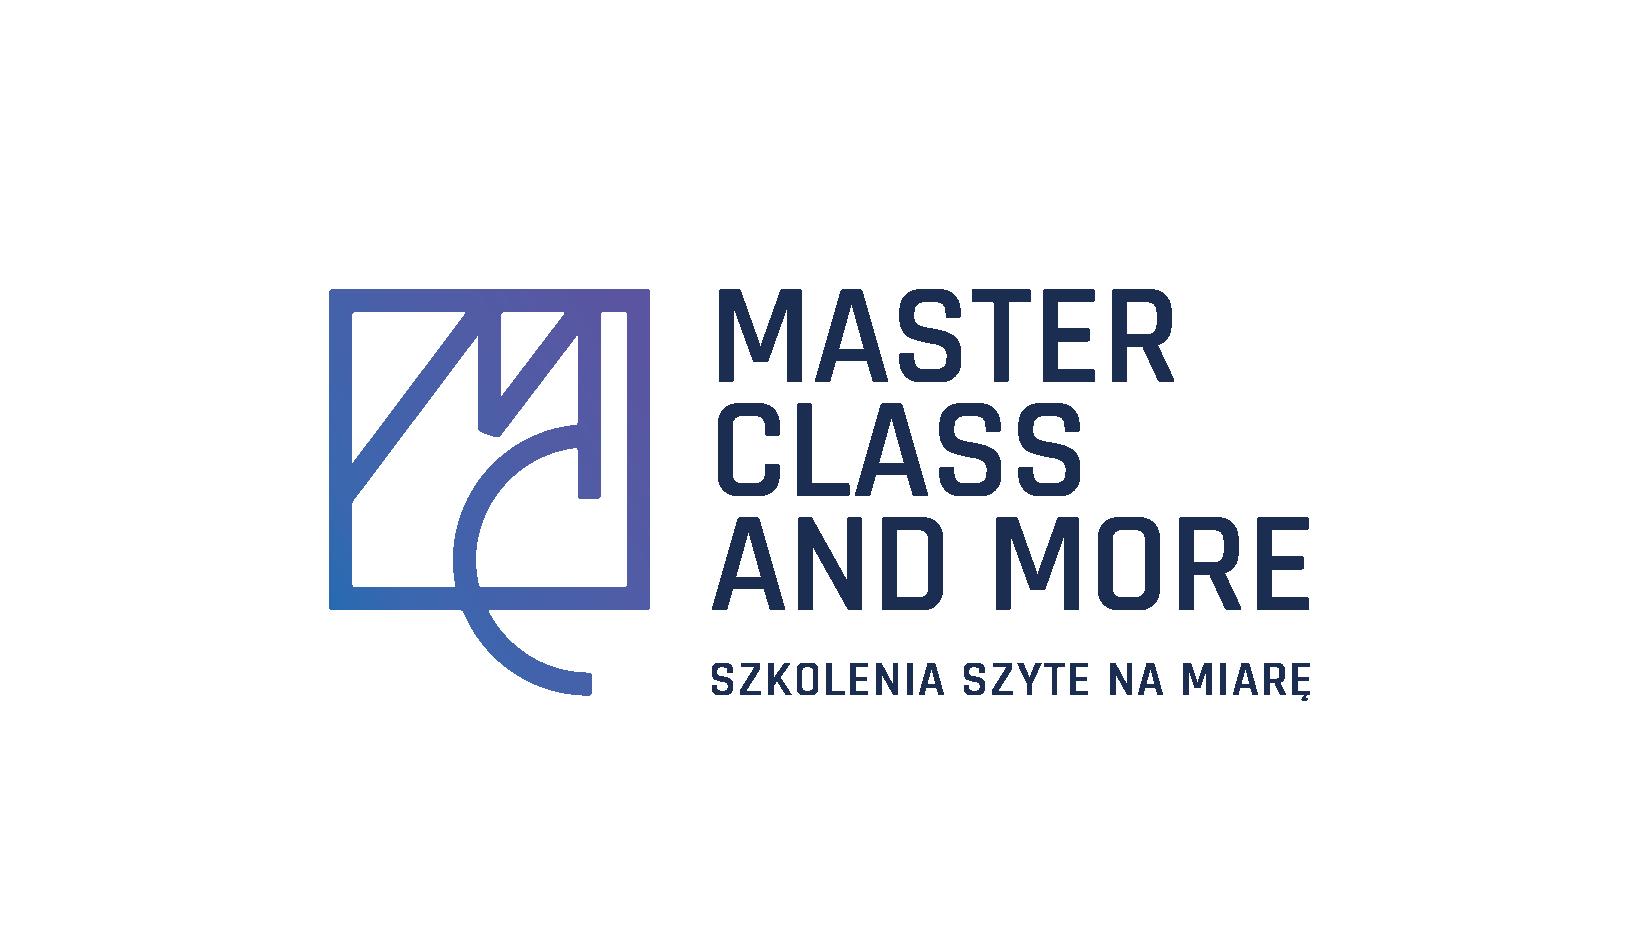 Logo Master Class and More Spółka z ograniczoną odpowiedzialnością